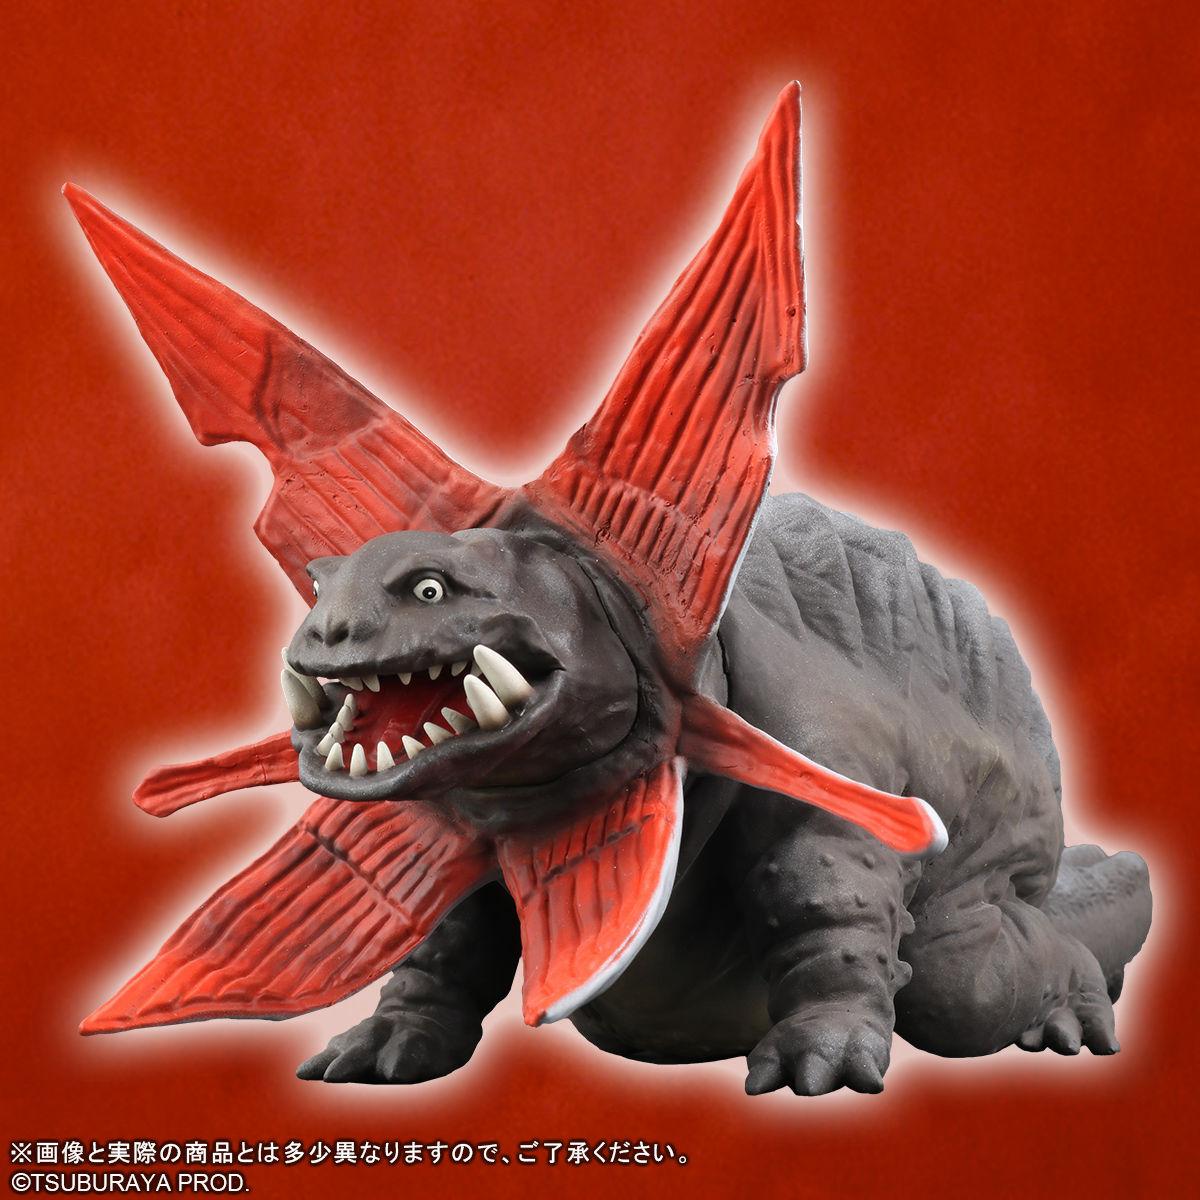 【限定販売】ウルトラ大怪獣シリーズ5000『ガボラ/ムルチ』完成品フィギュア-005